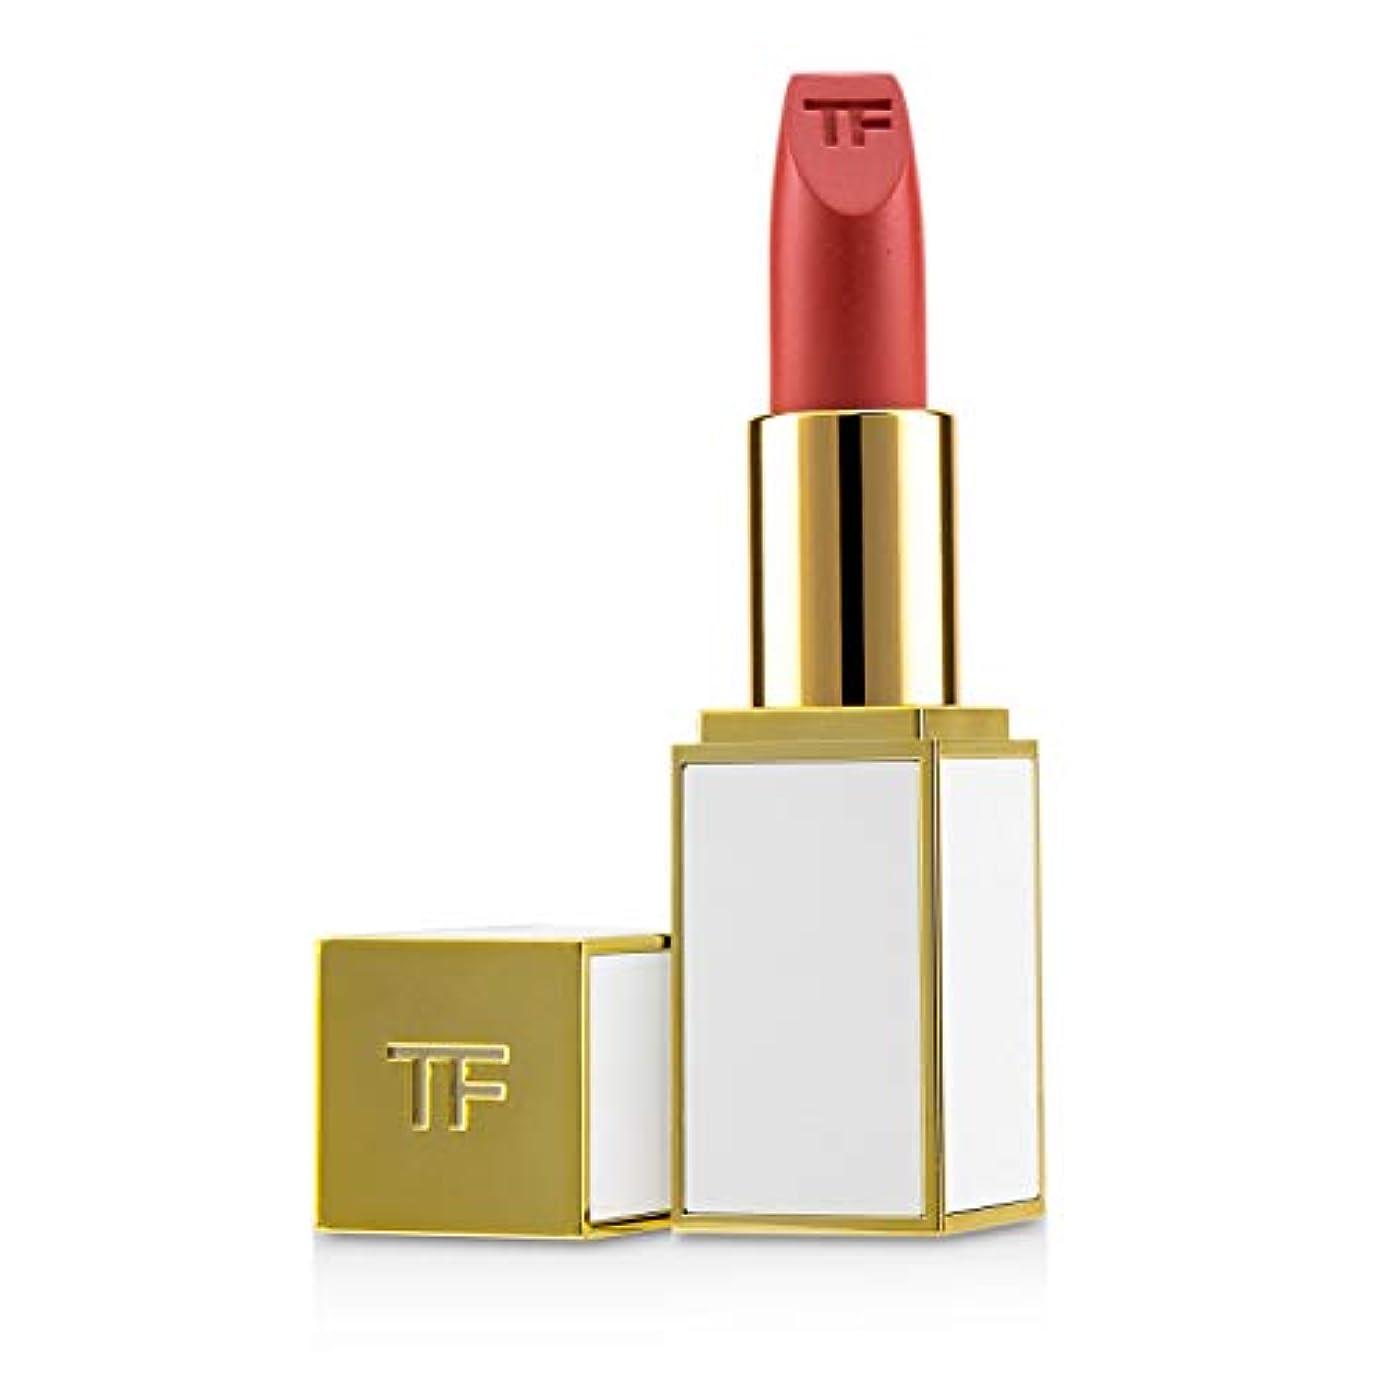 国際リベラルヒギンズトム フォード Lip Color Sheer - # 16 Pieno Sole 3g/0.1oz並行輸入品